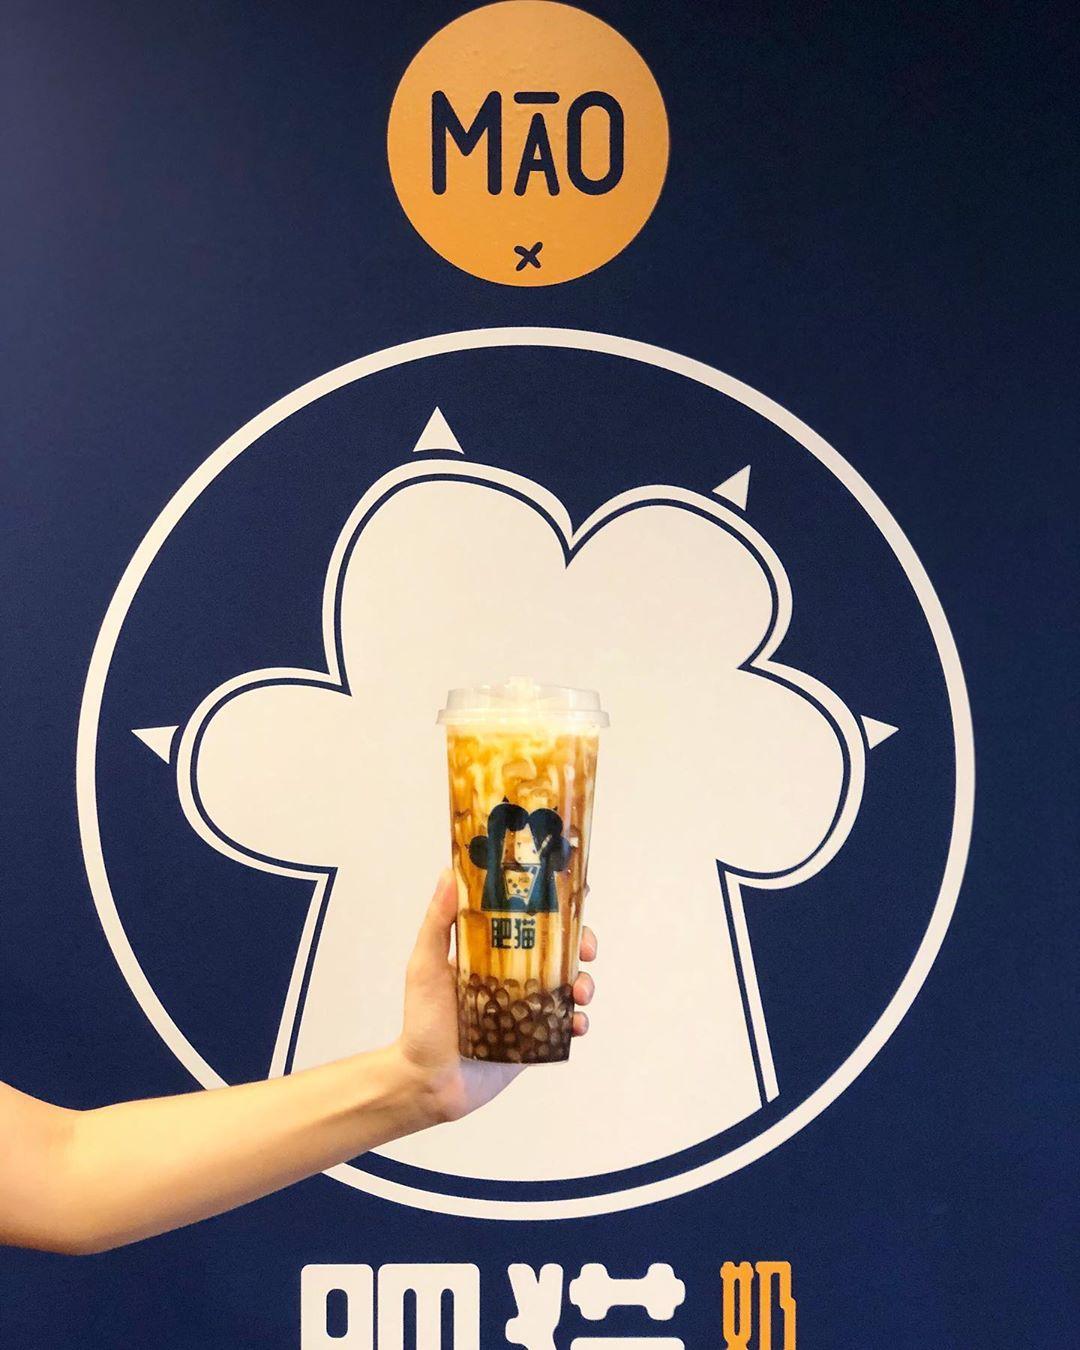 MAO Milk Bar